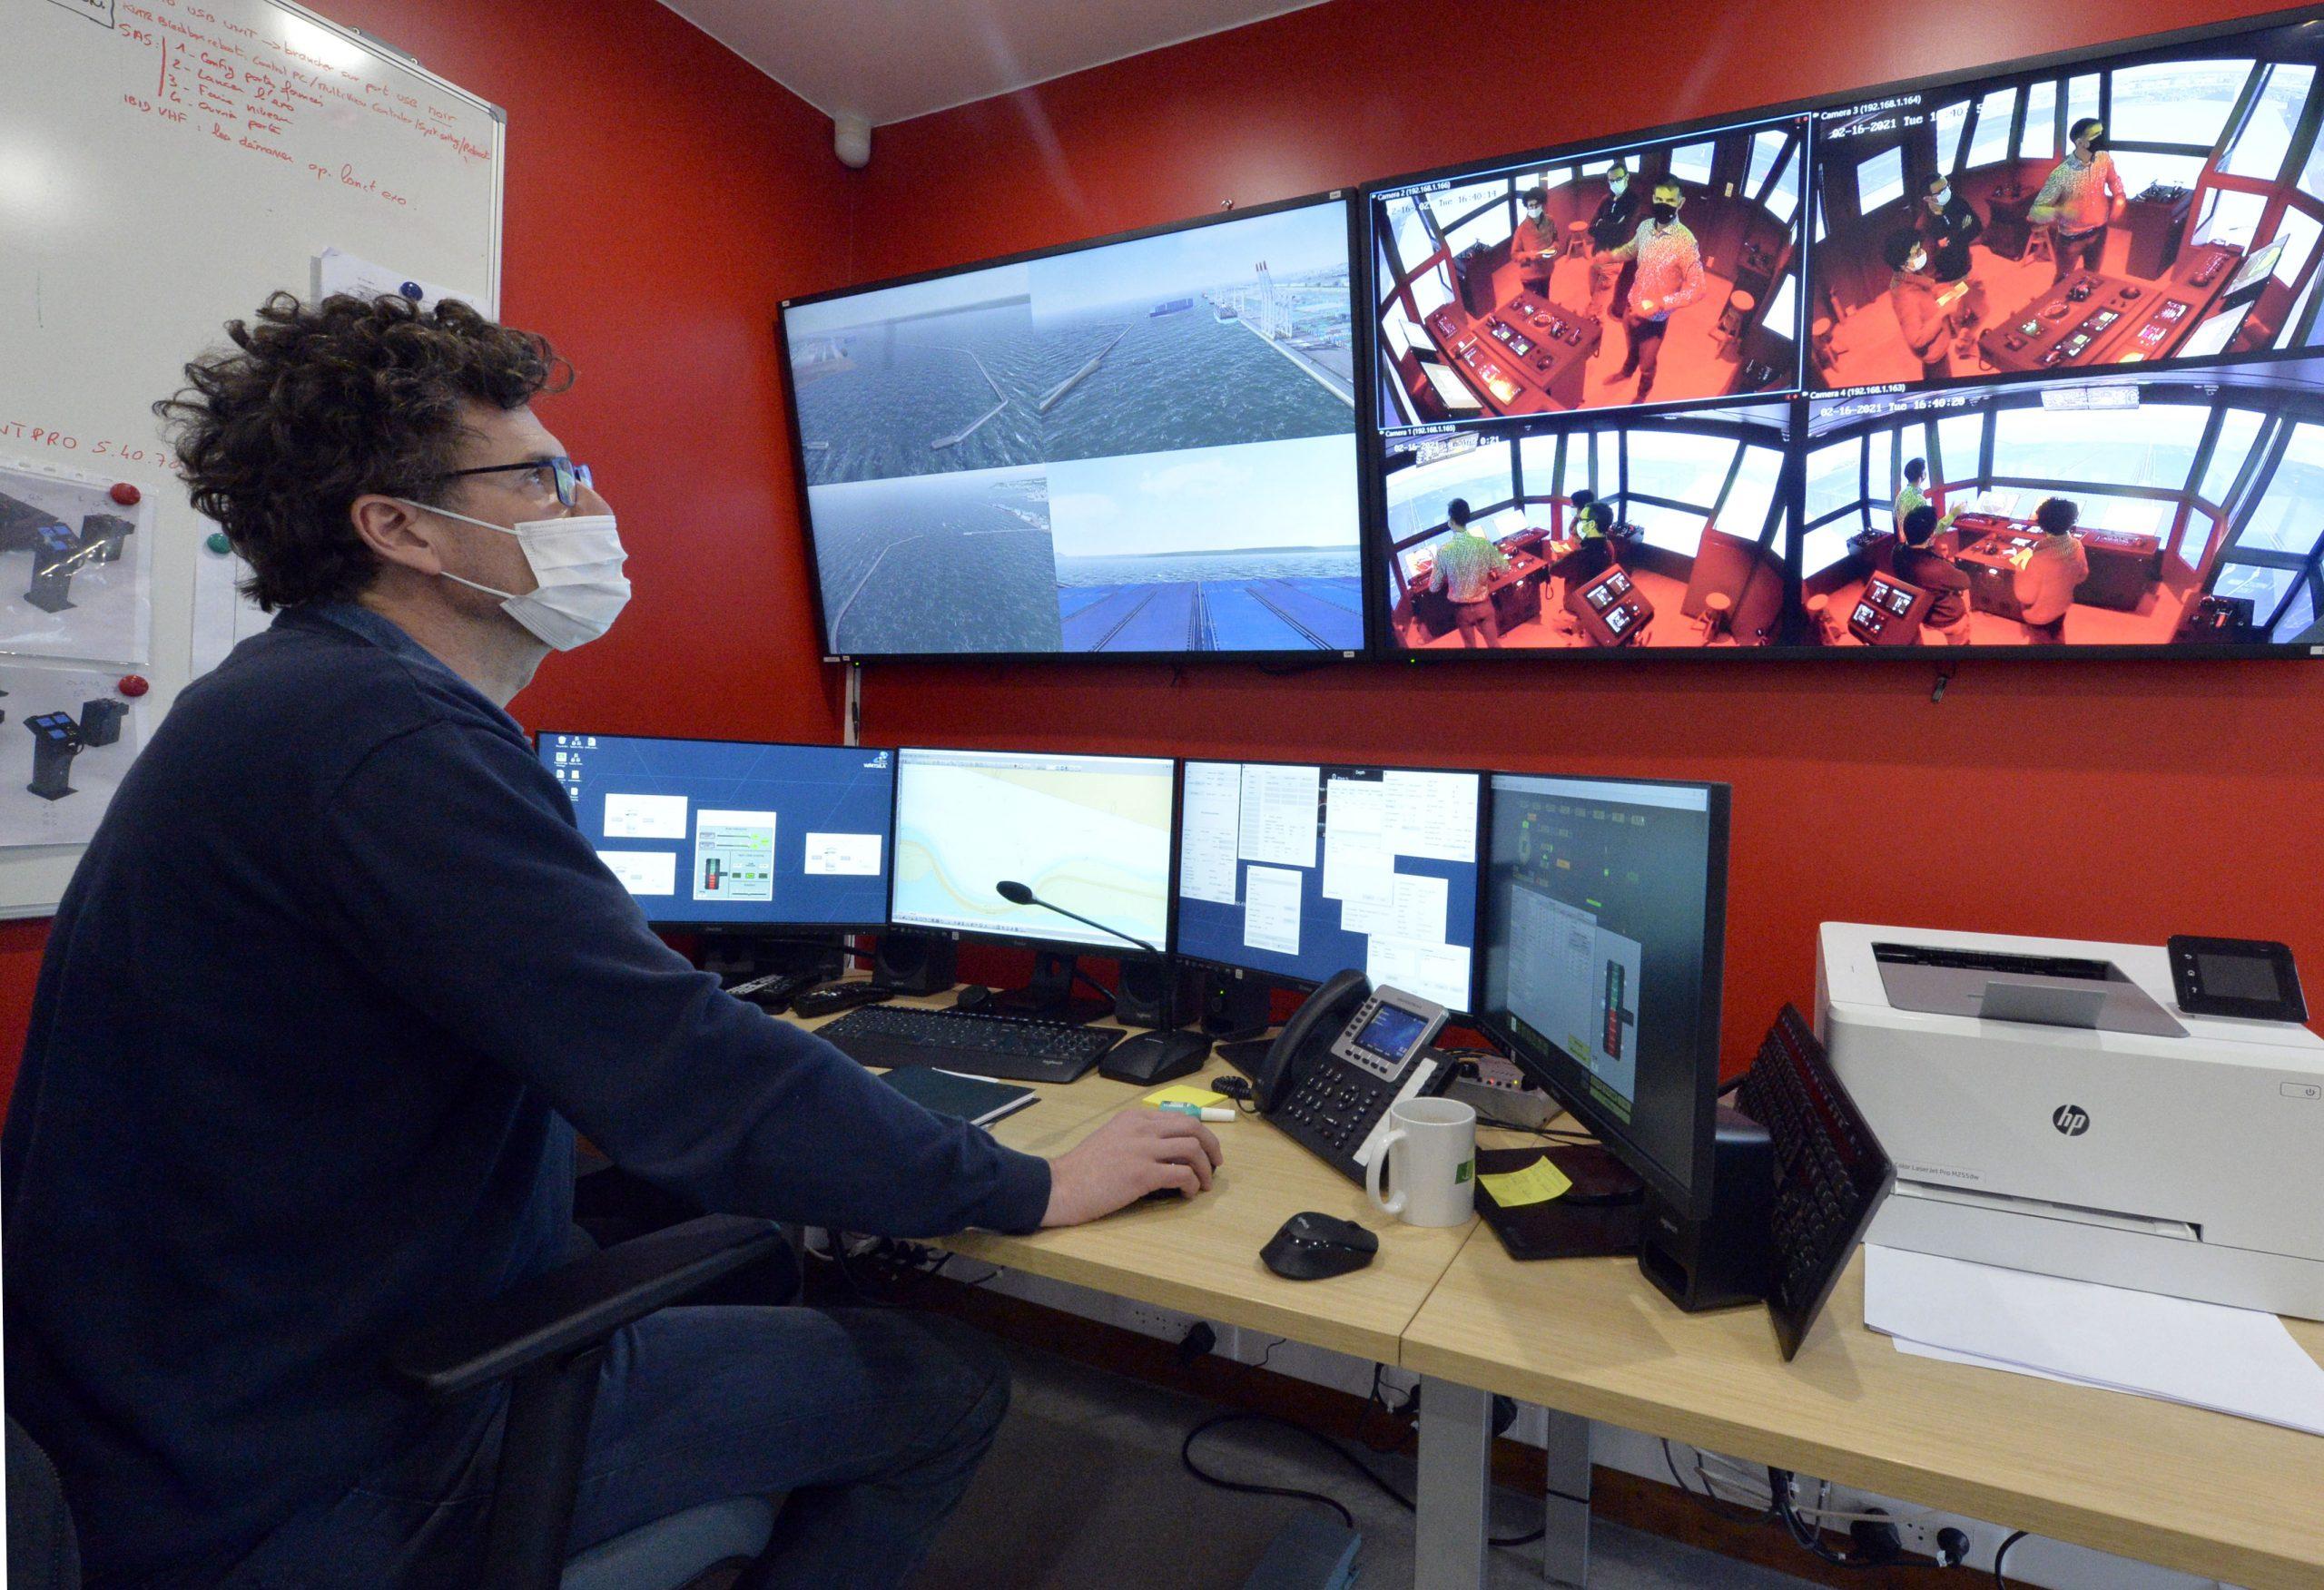 simulateur pilotage le havre